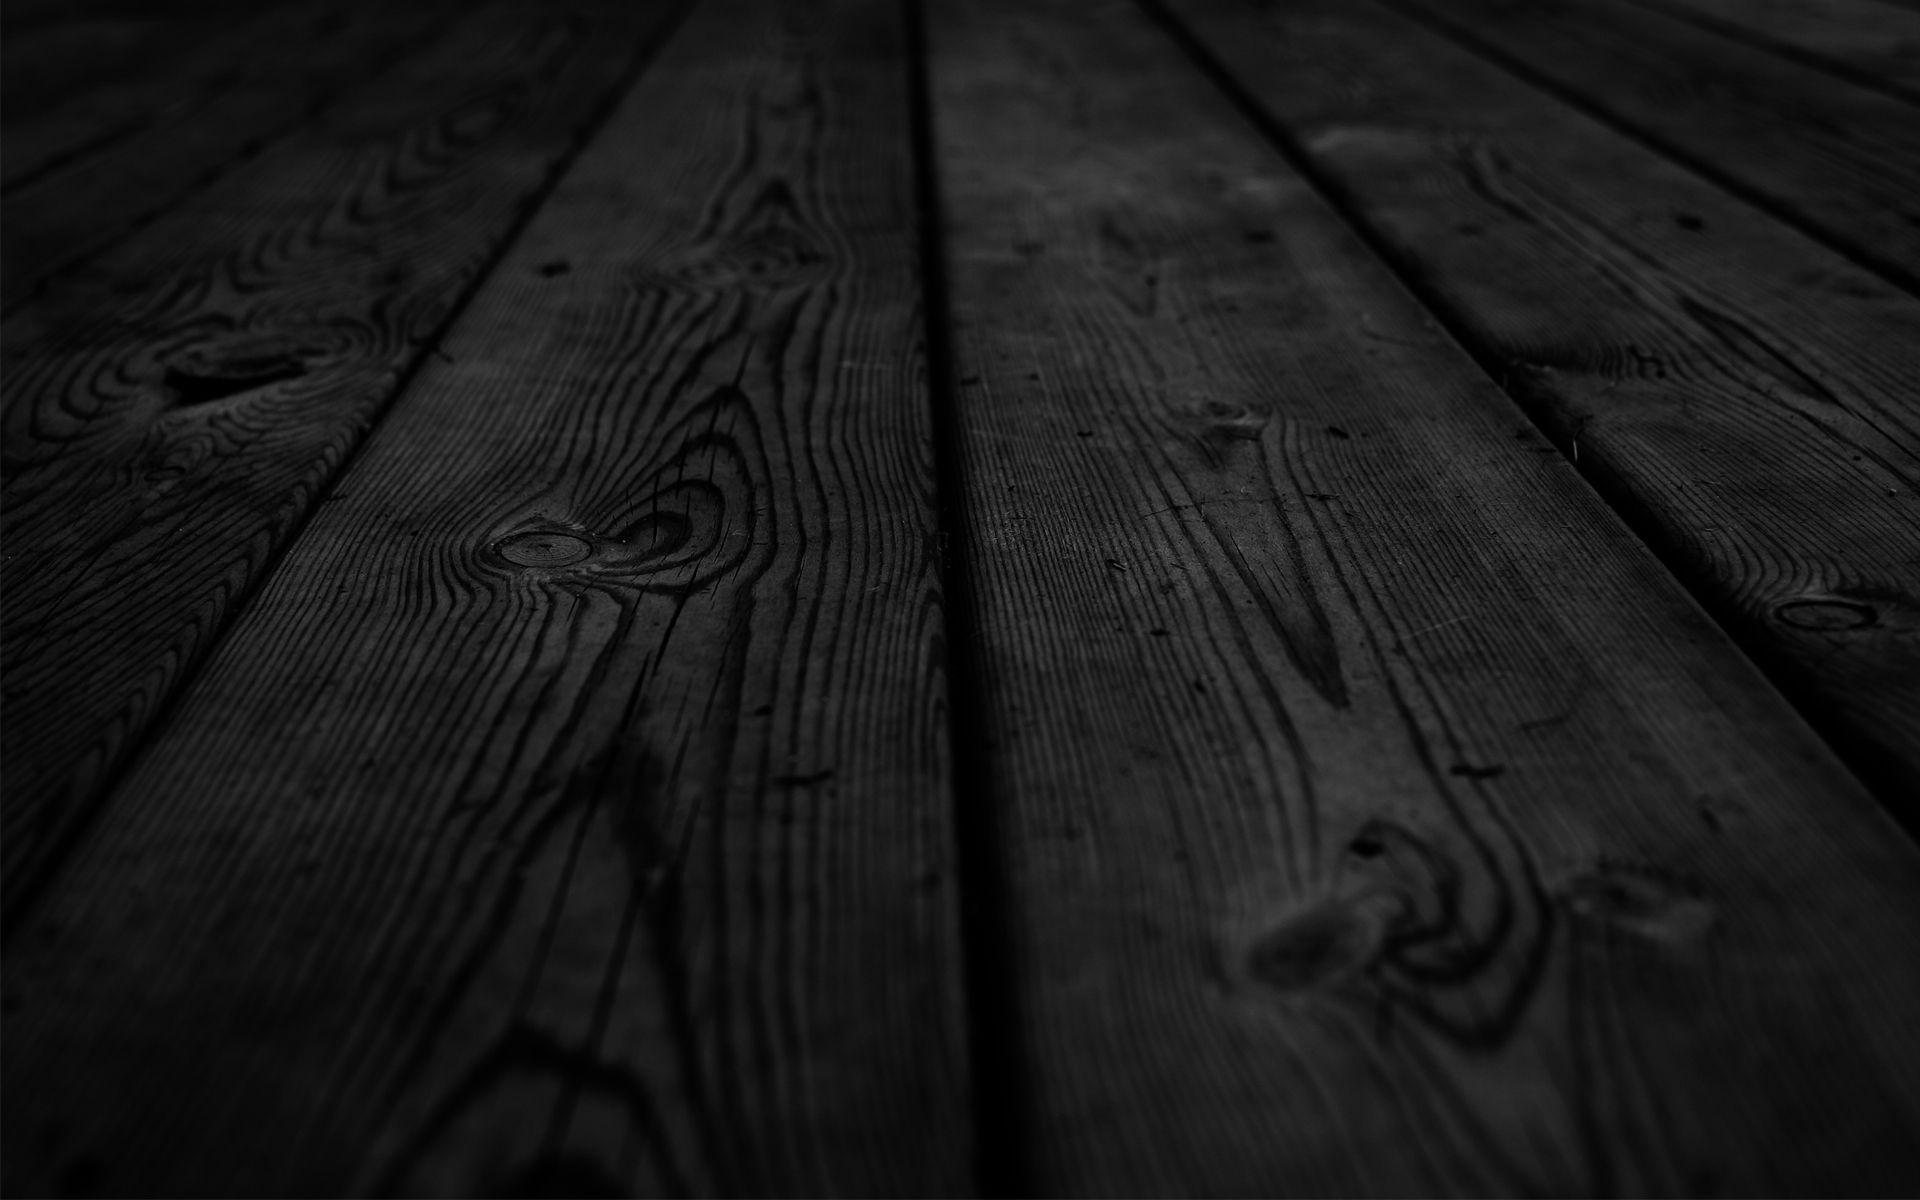 74 Dark Wood Wallpaper On Wallpapersafari